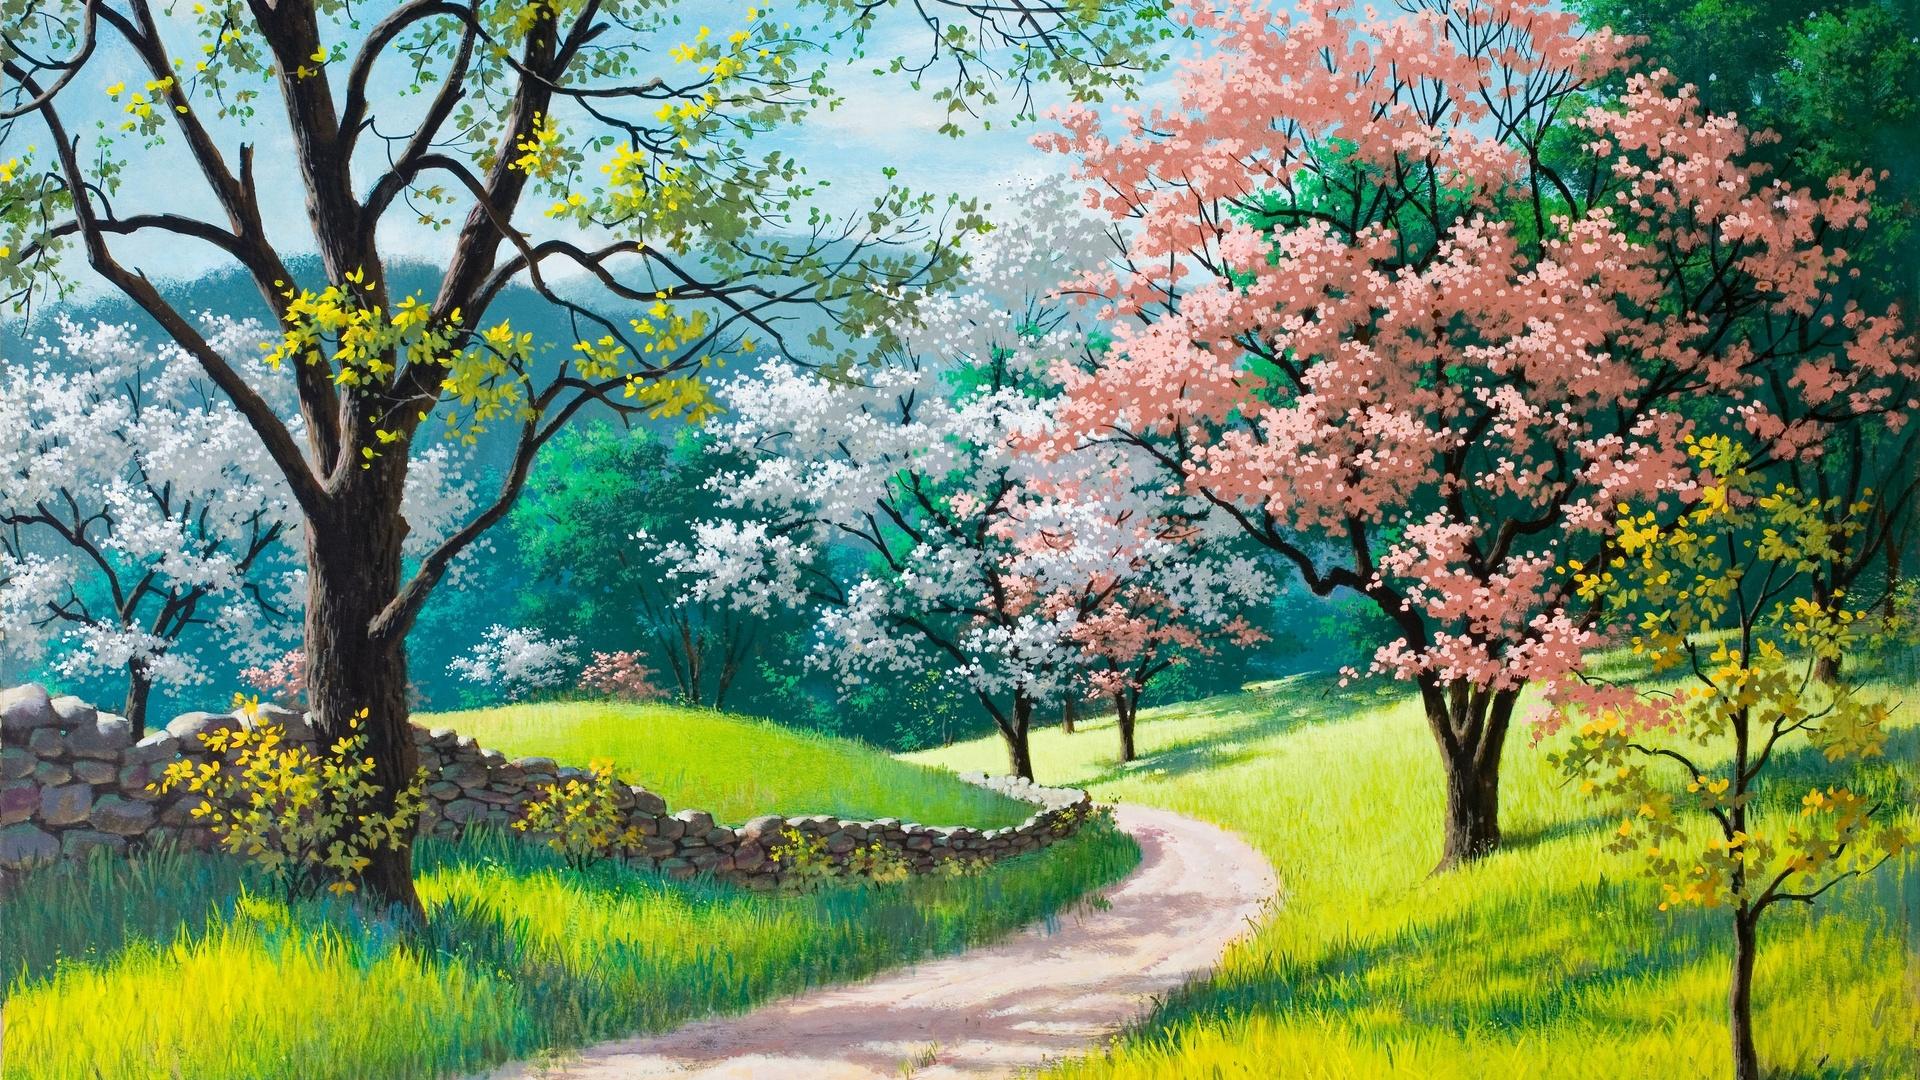 Springtime download wallpaper image